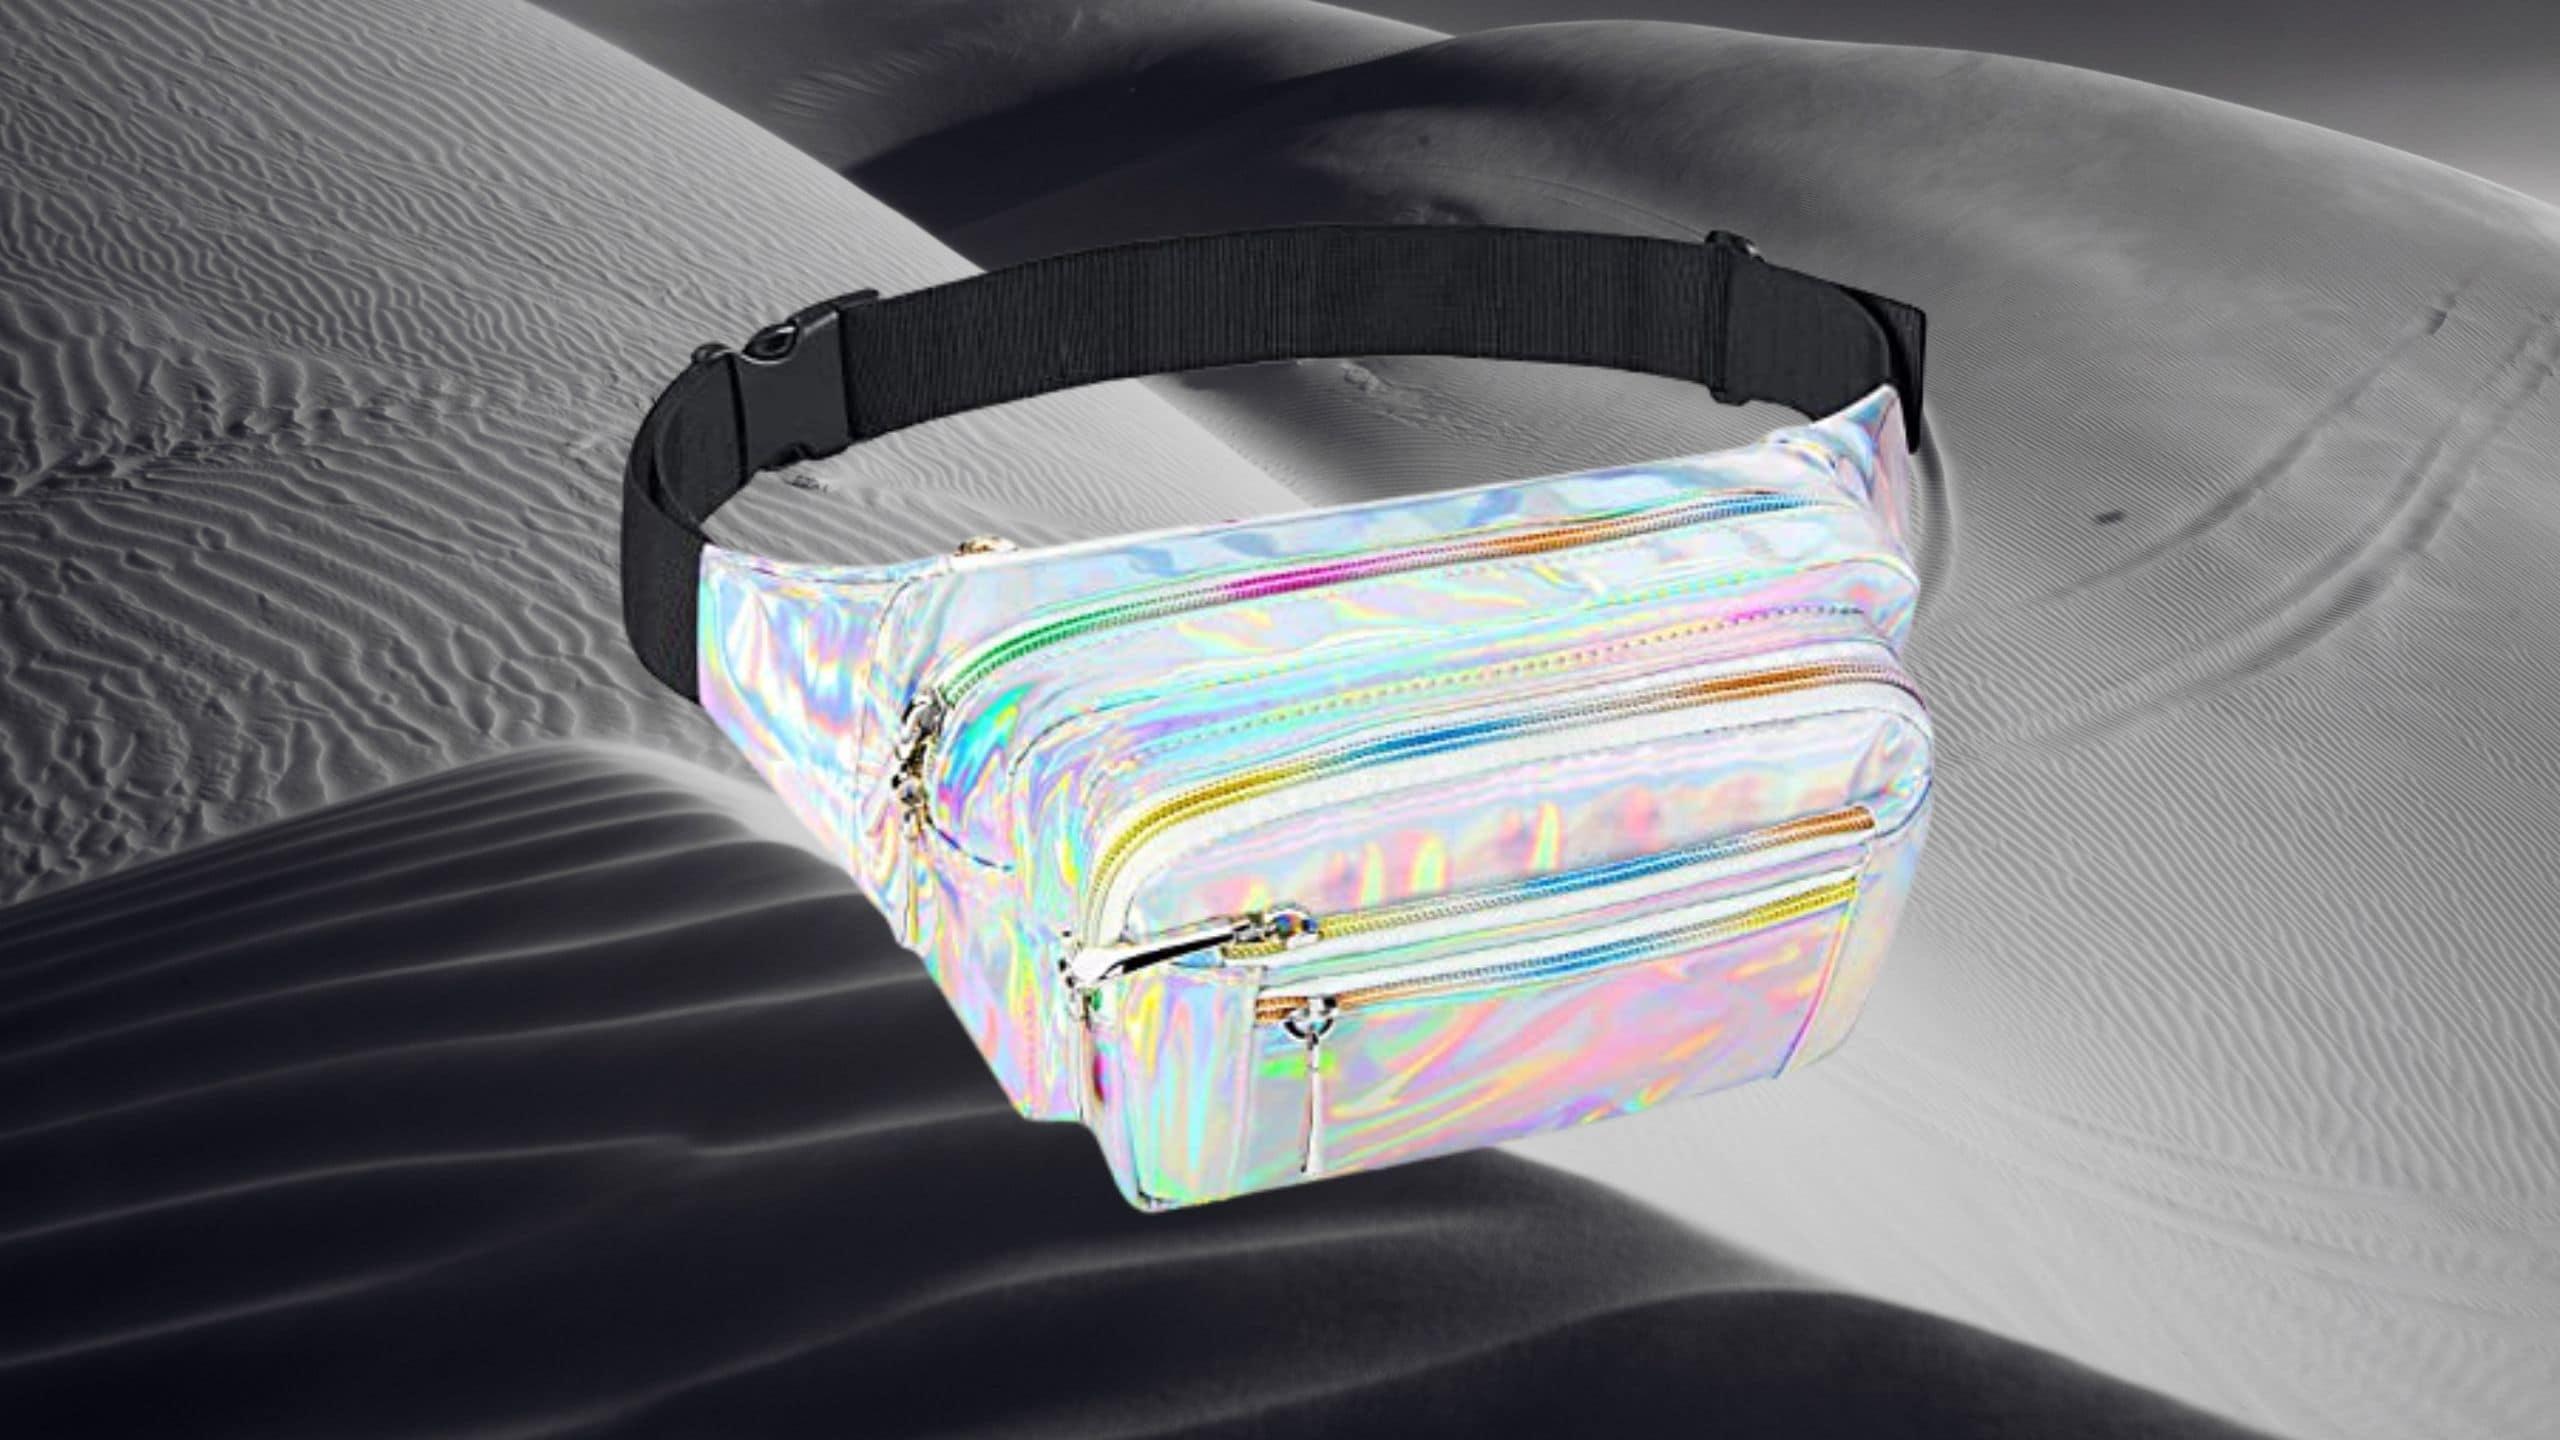 Holographic Belt Bag by Forliver (5 Pockets)